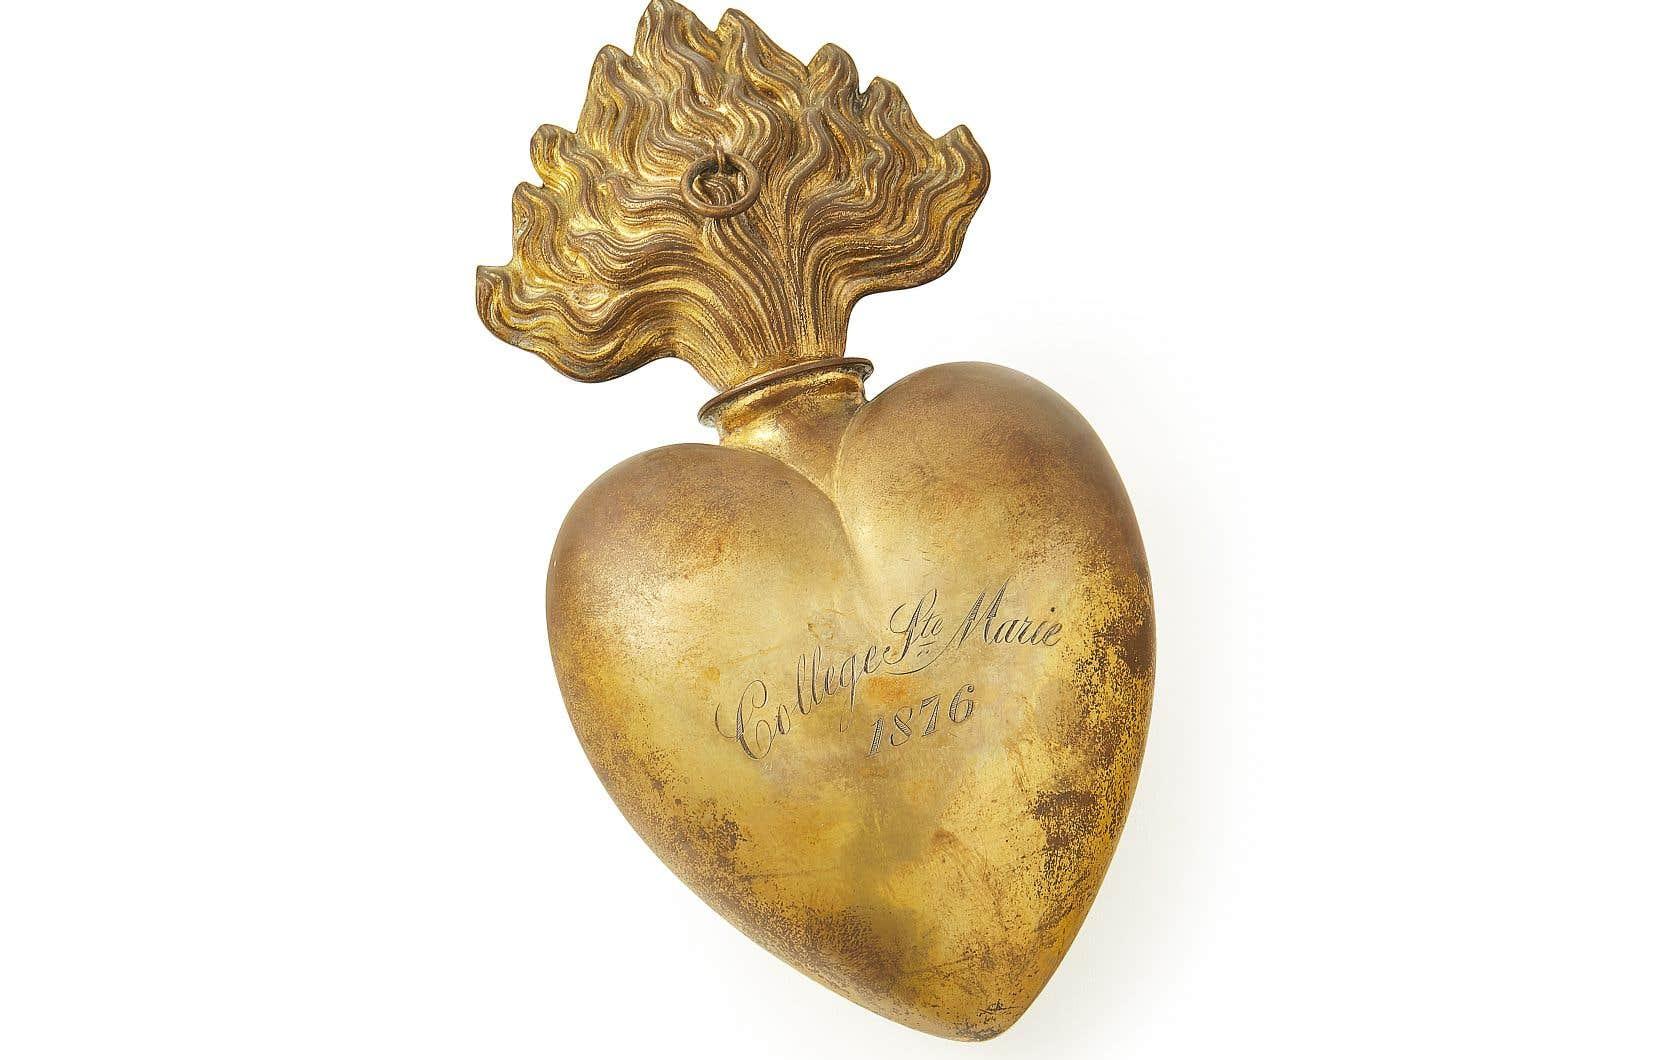 Cœur votif (objet de remerciement à la suite d'un vœu exaucé, d'une guérison ou d'une grâce obtenue) de la part du collège Sainte-Marie. Fabriqué en 1876, cet objet fait partie de la collection de la congrégation de Notre-Dame, Site historique Marguerite-Bourgeoys.